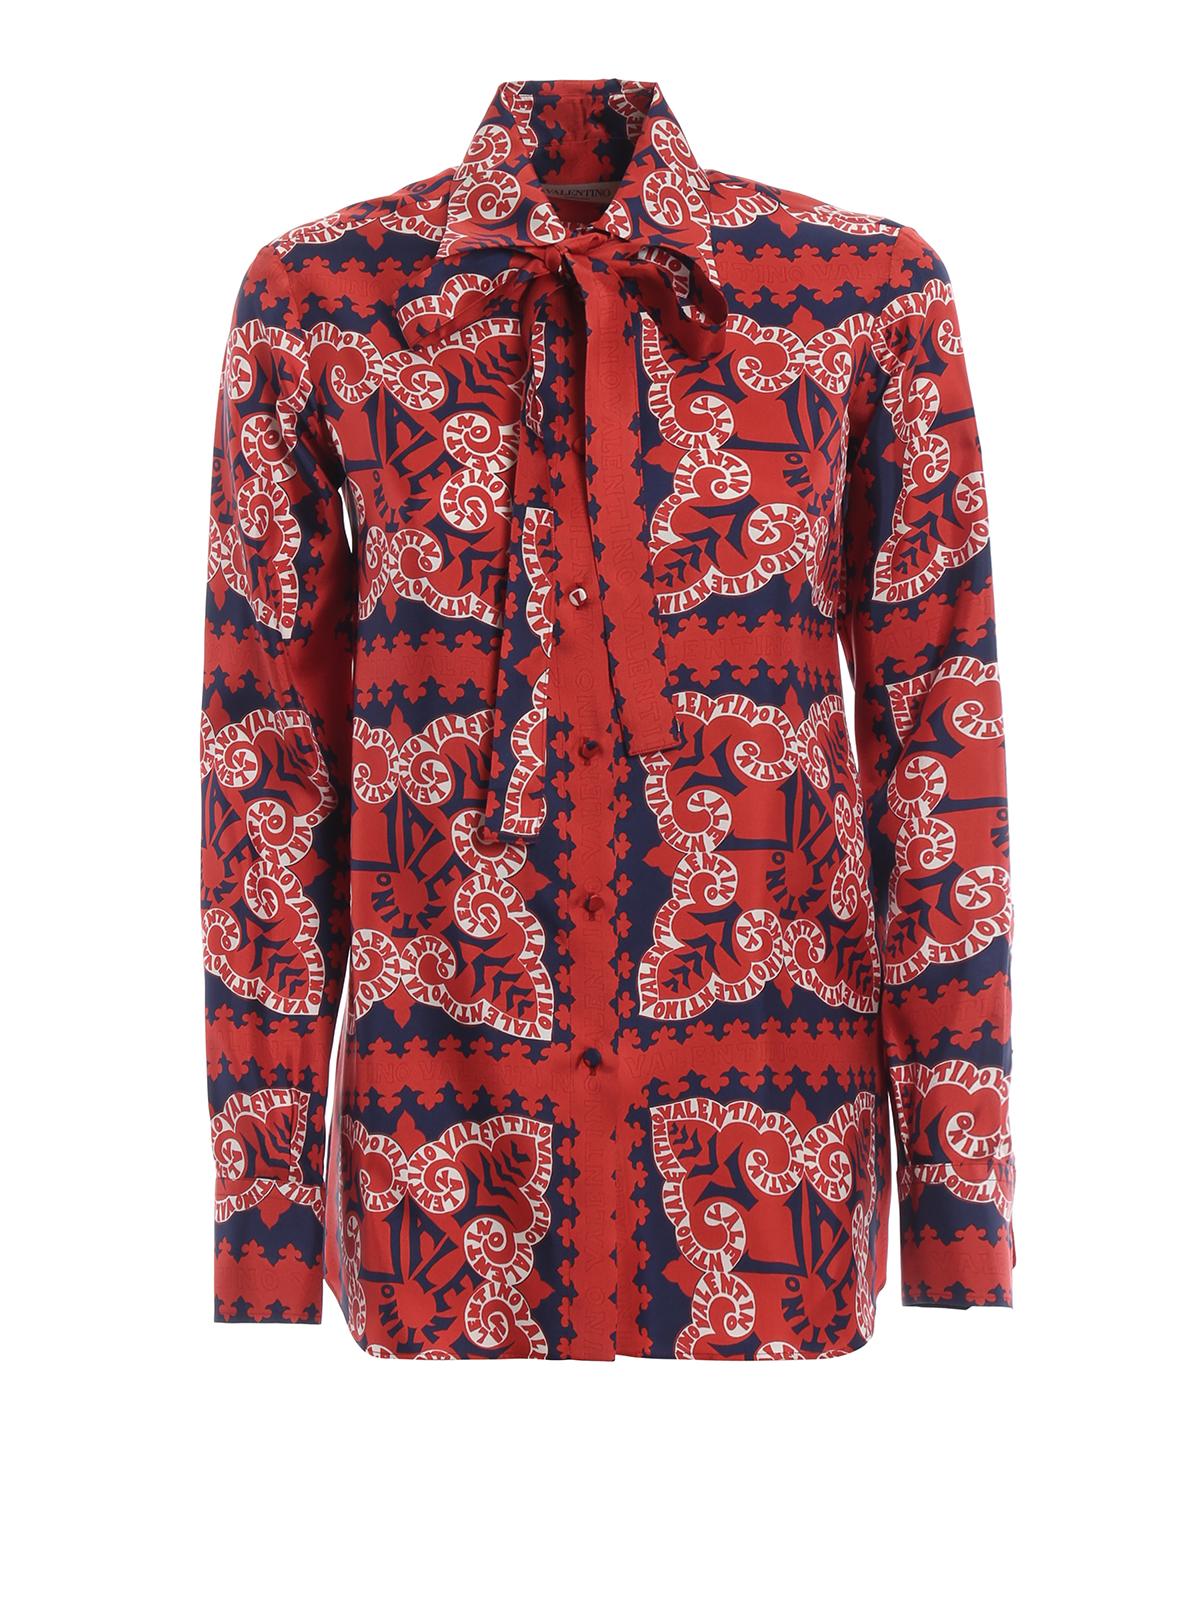 the latest 6e8e6 8ee46 Valentino - Camicia rossa Bandana in seta - camicie ...